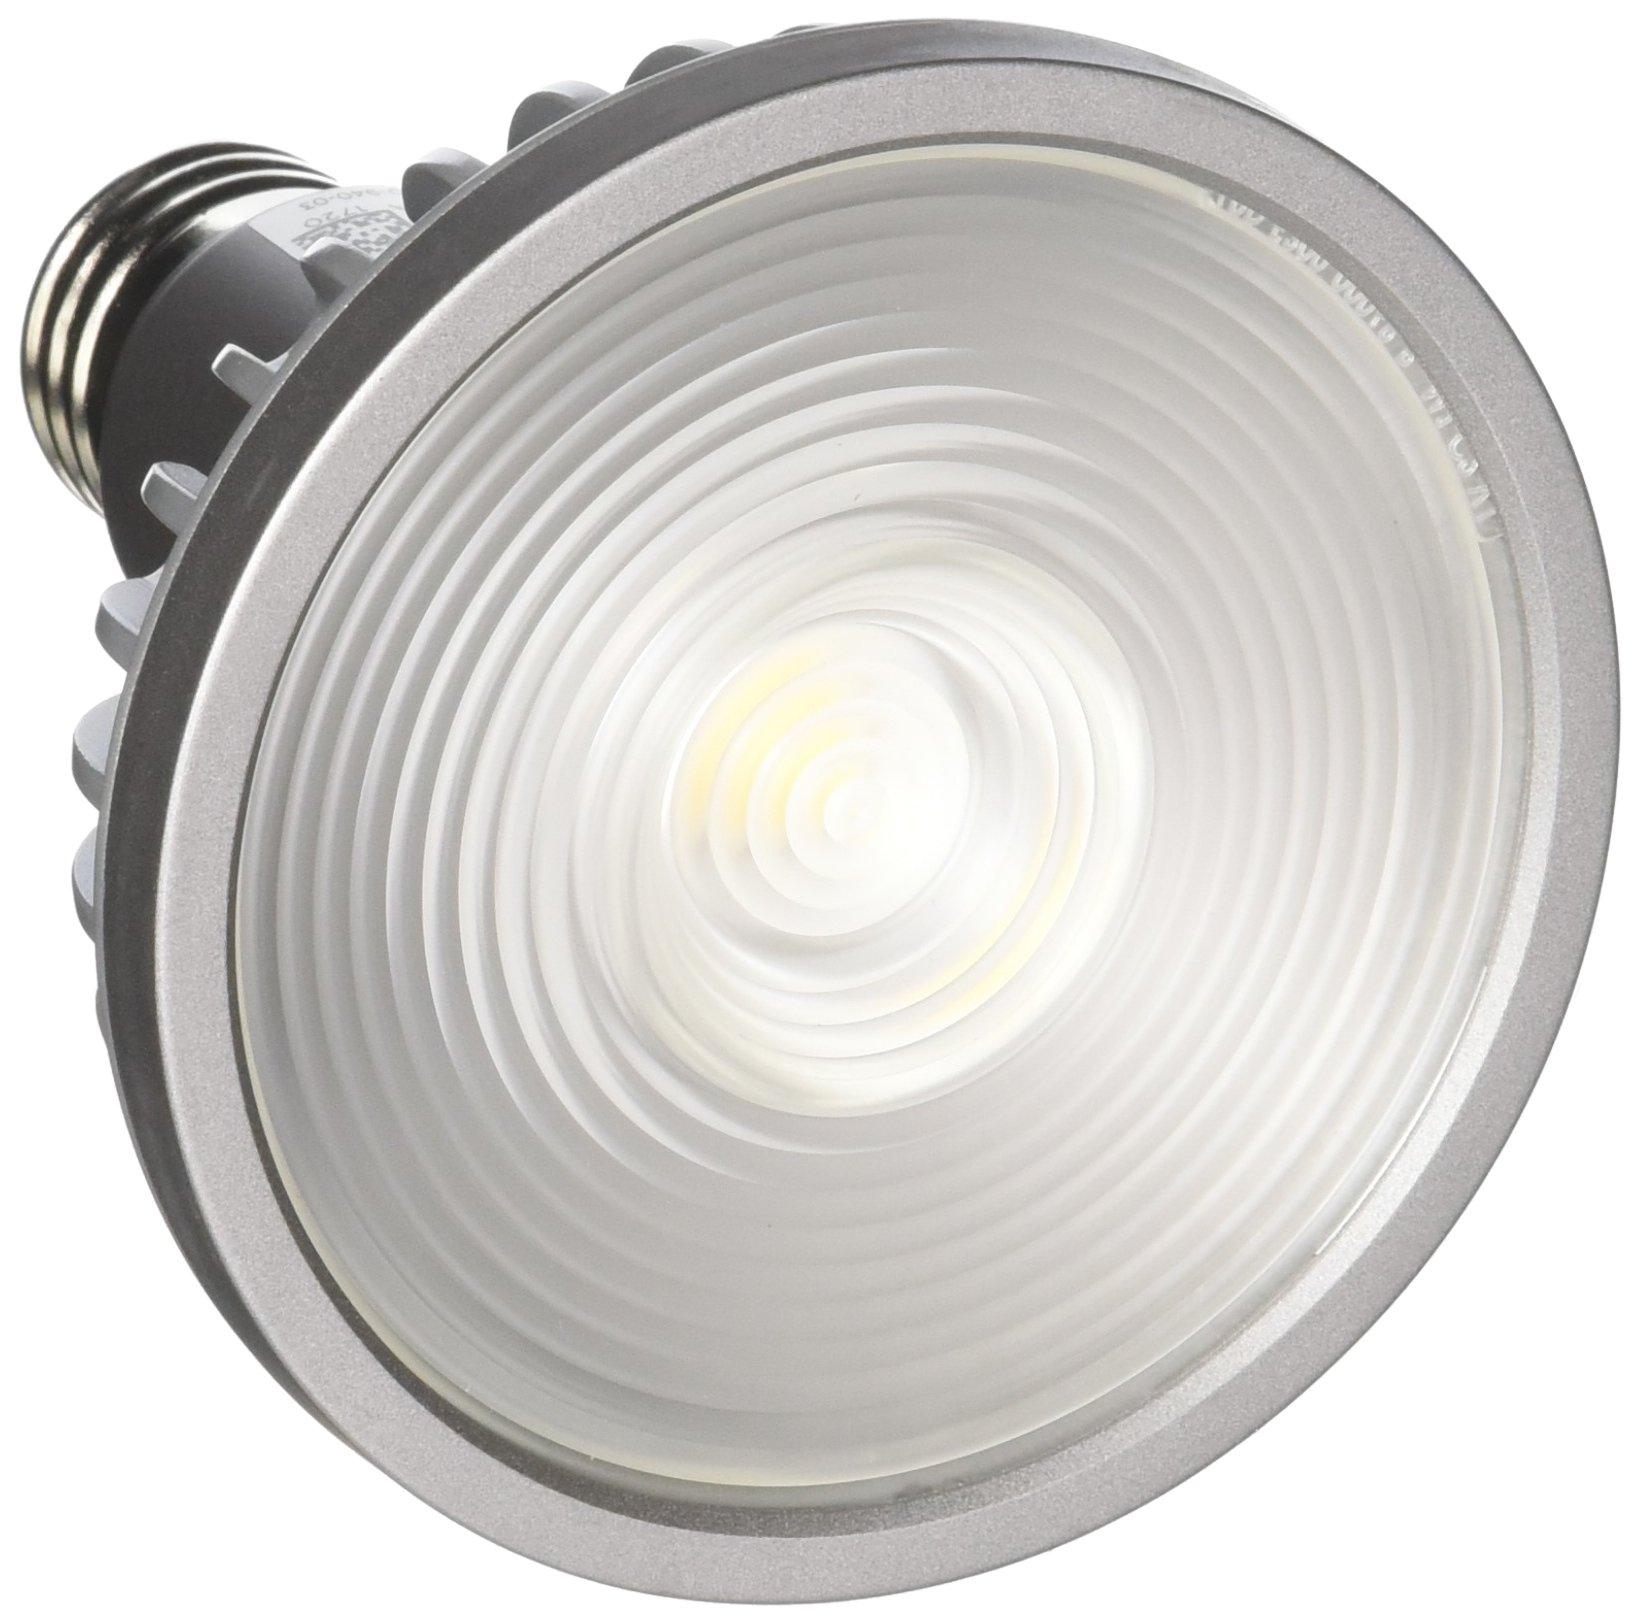 Bulbrite SP30L-18-60D-940-03 SORAA 18.5W LED PAR30L 4000K VIVID 60° Dimmable Light Bulb, Silver